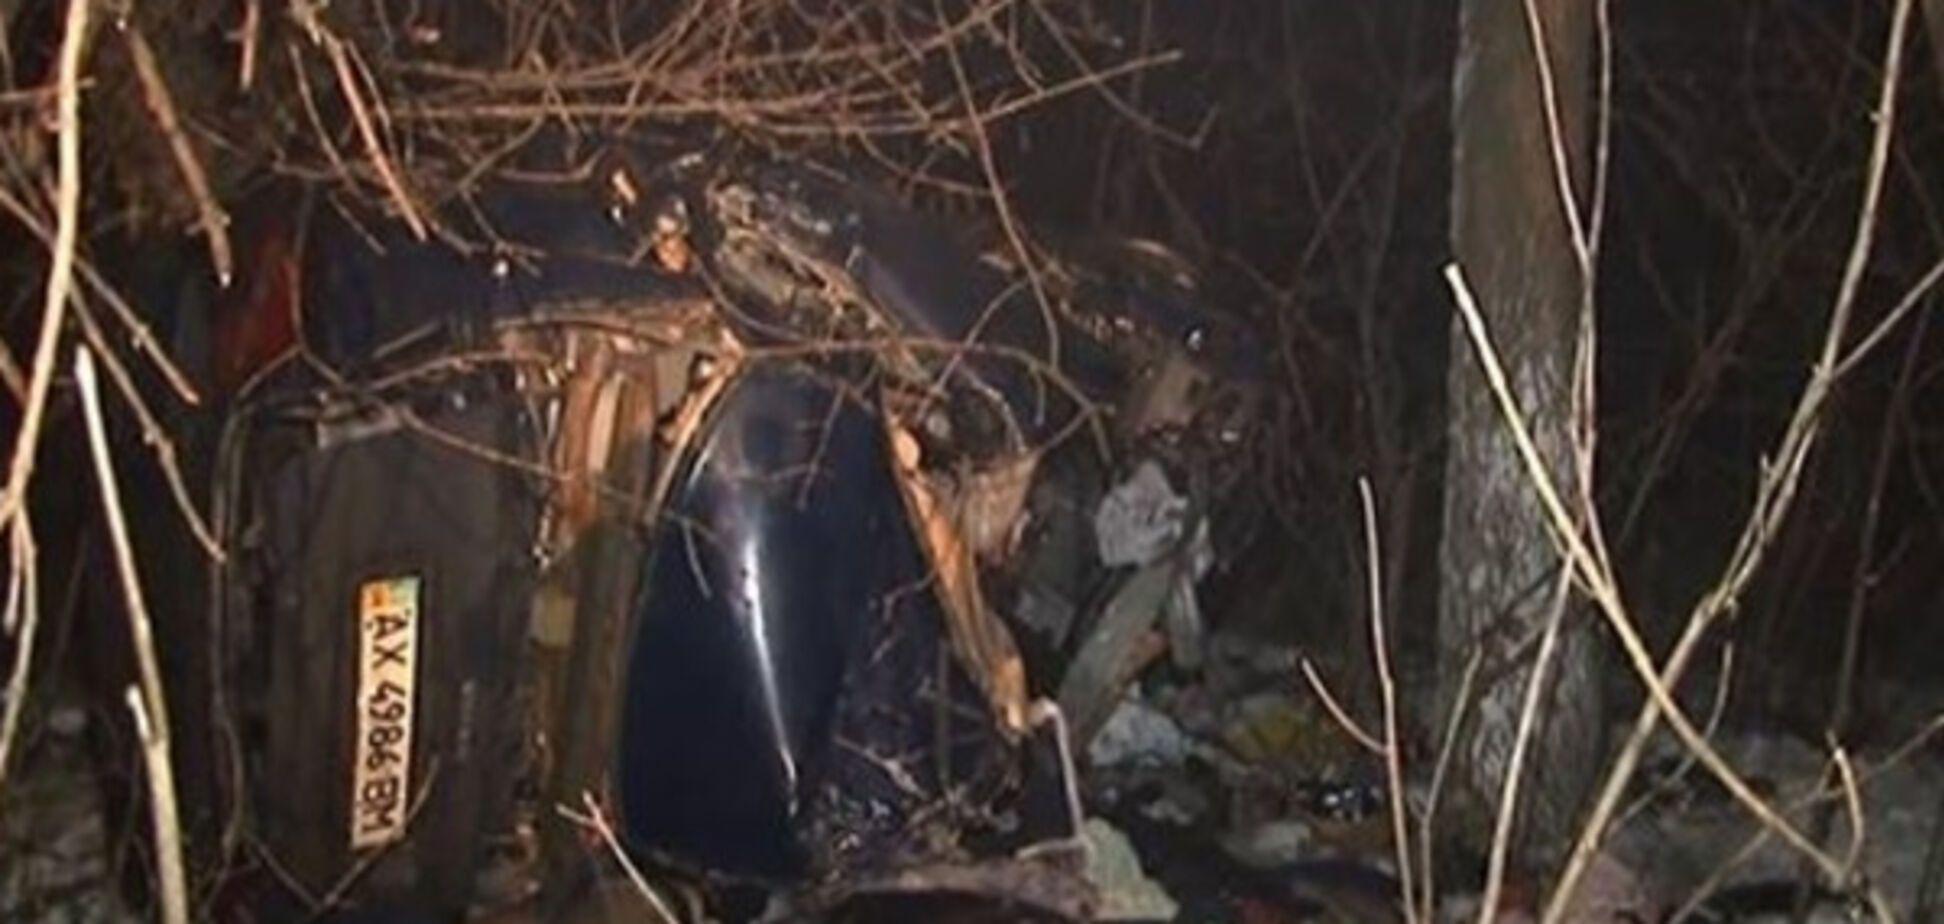 Жахлива ДТП під Харковом: з'явилося відео з місця трагедії